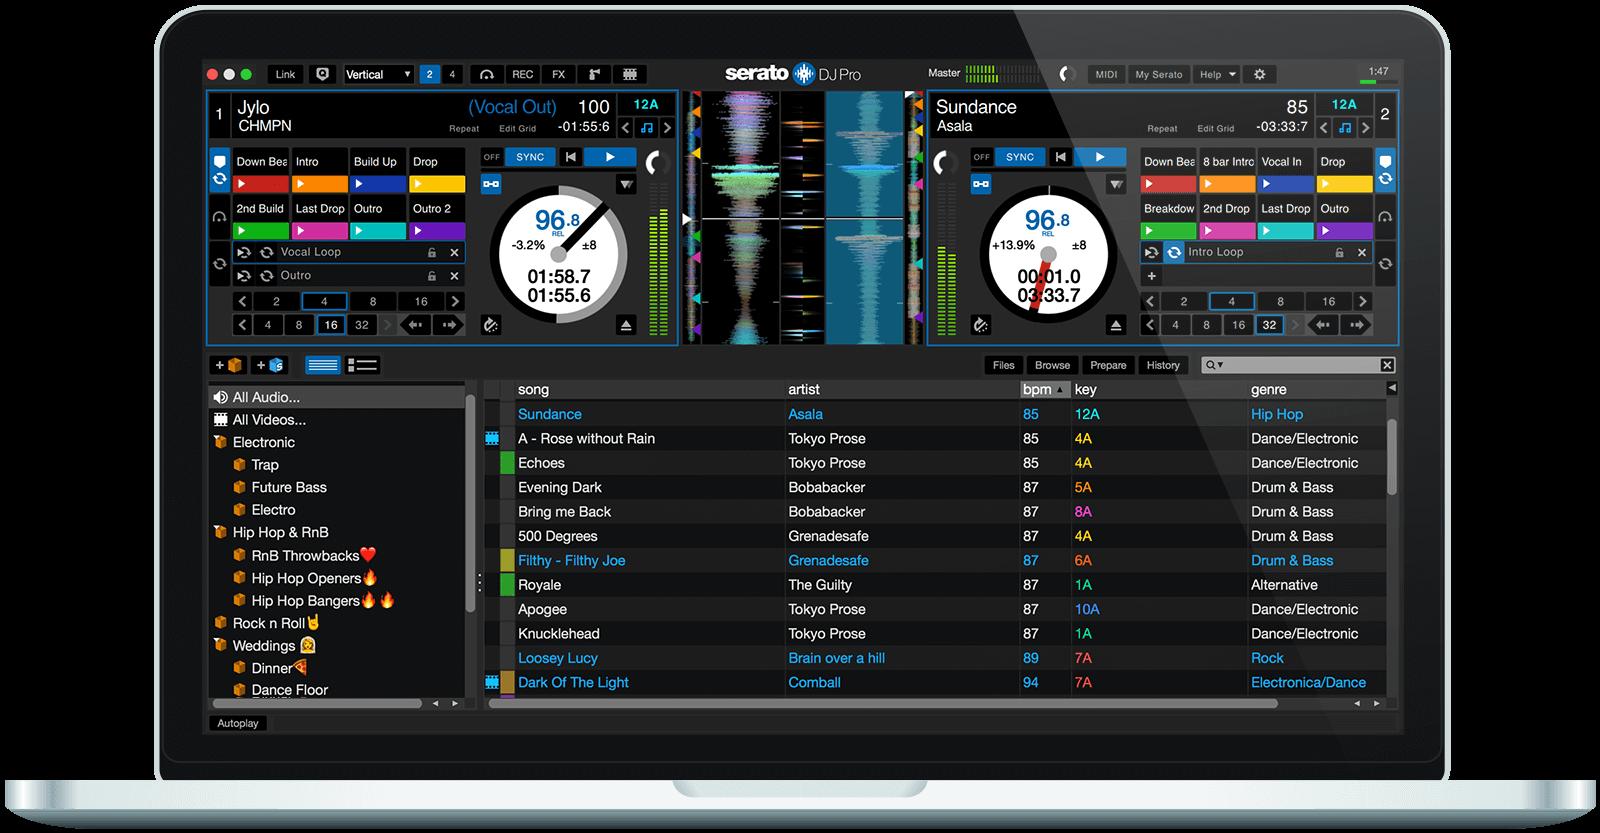 What's New In Serato DJ Pro